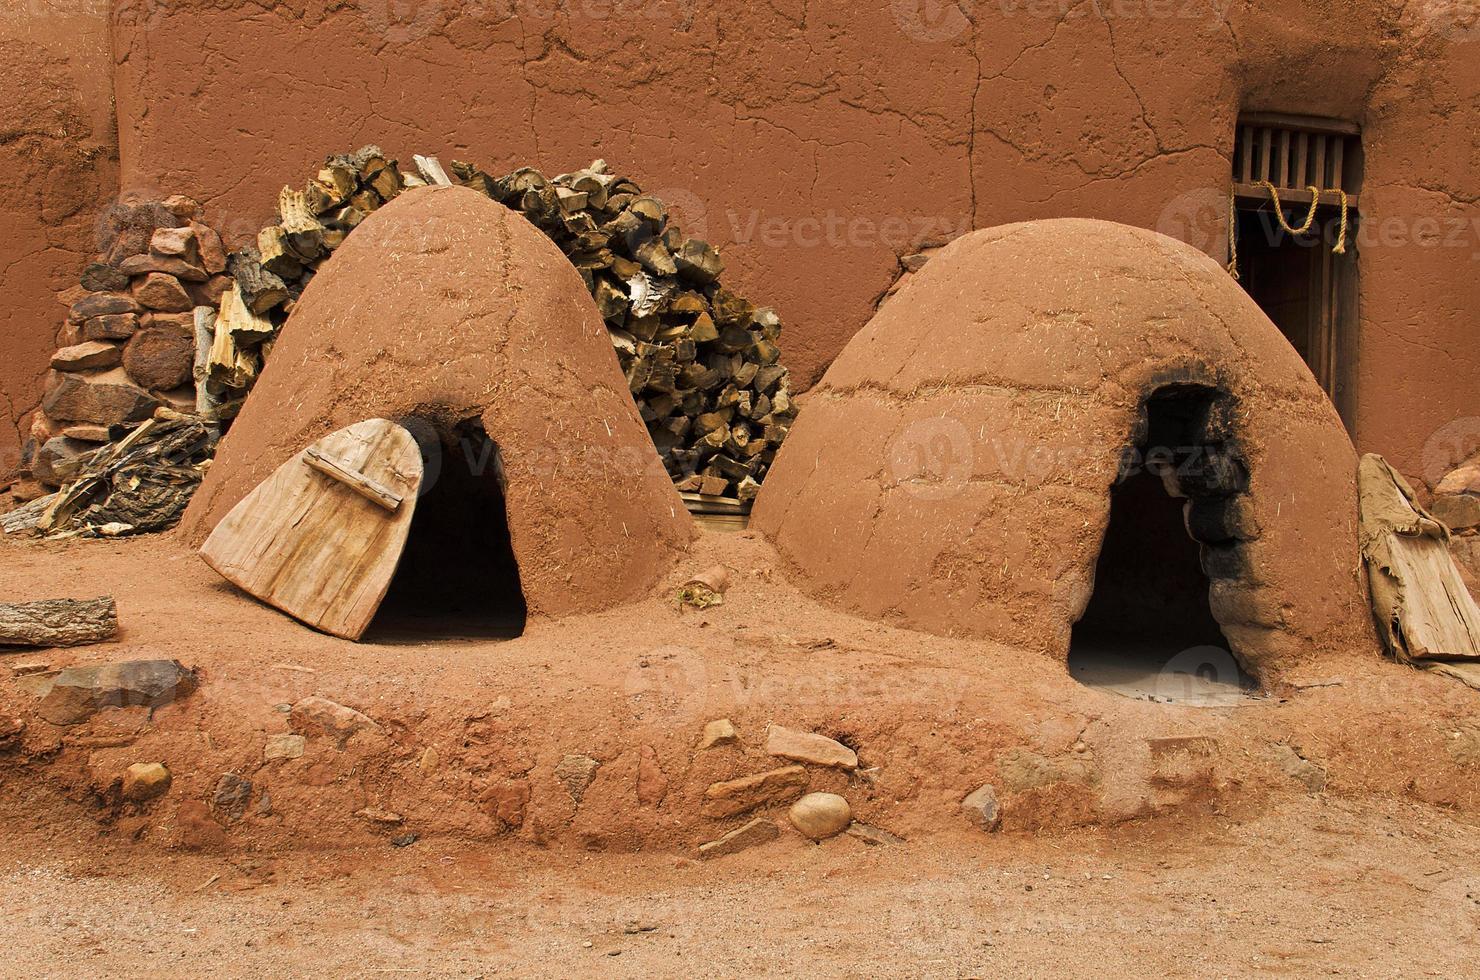 fornos de barro tradicional pueblo foto